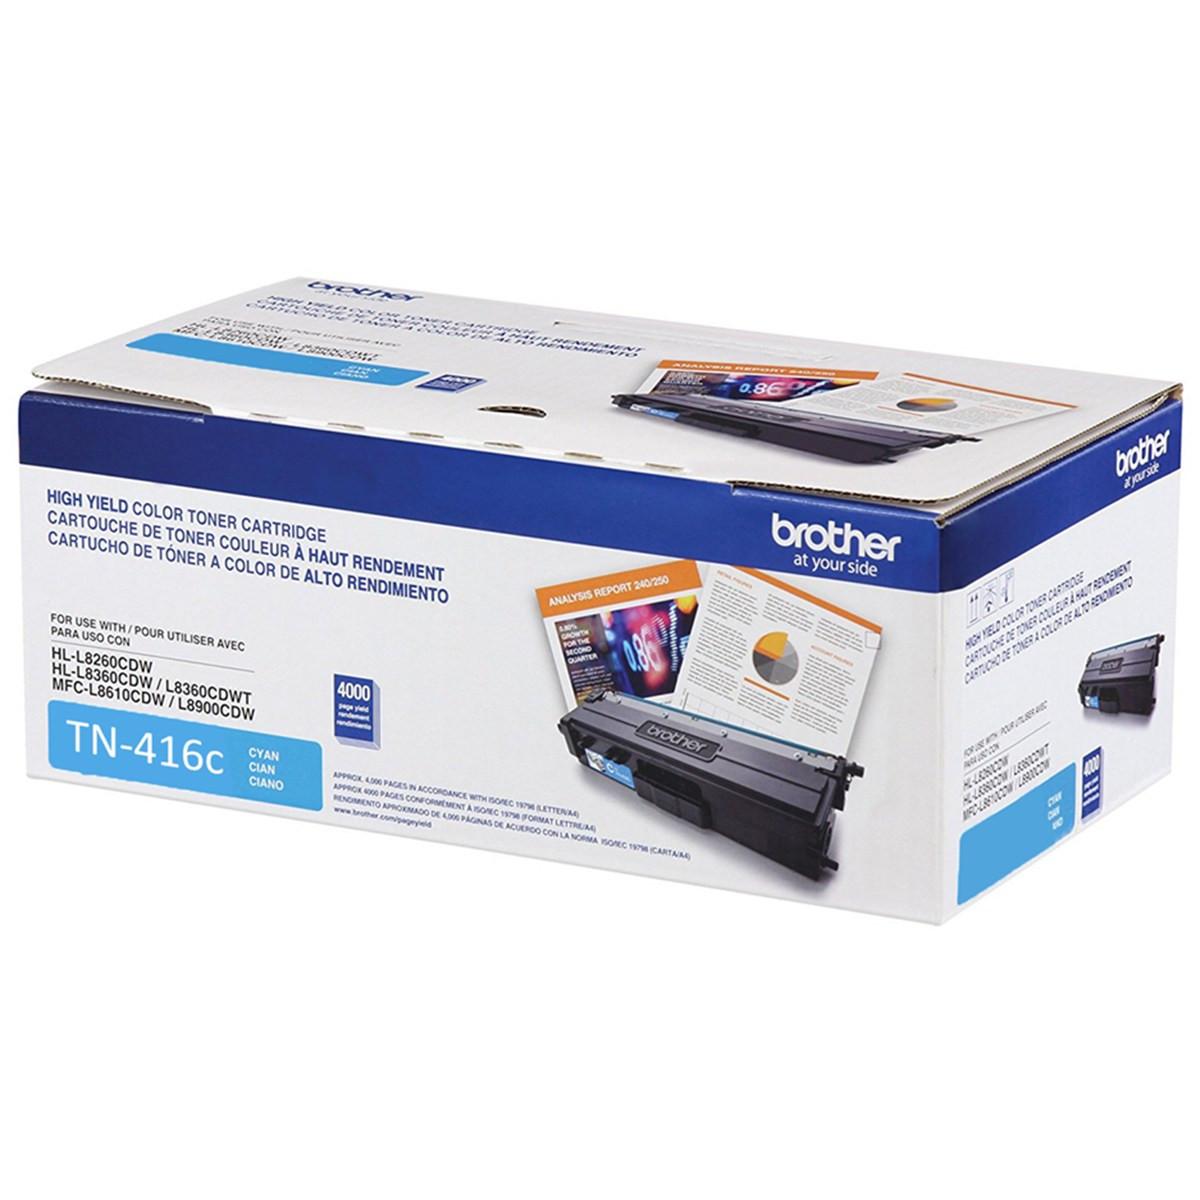 Toner Brother TN-416C Ciano | HL-L8360CDW MFC-L8610CDW MFC-L8900CDW MFC-L9570CDW | Original 6.5k